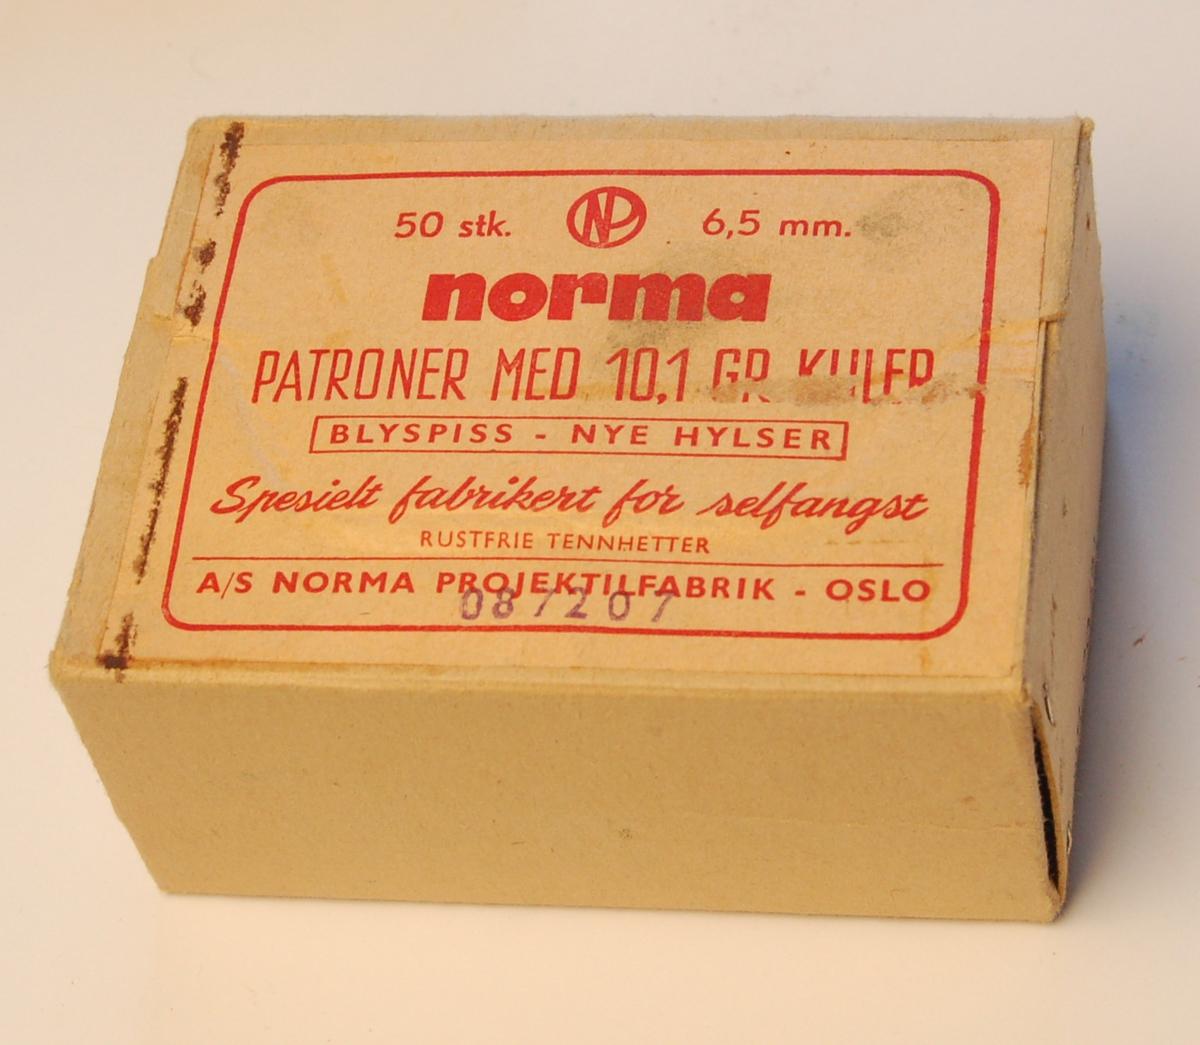 Rektangulær eske av papp til oppbevaring av ammunisjon.